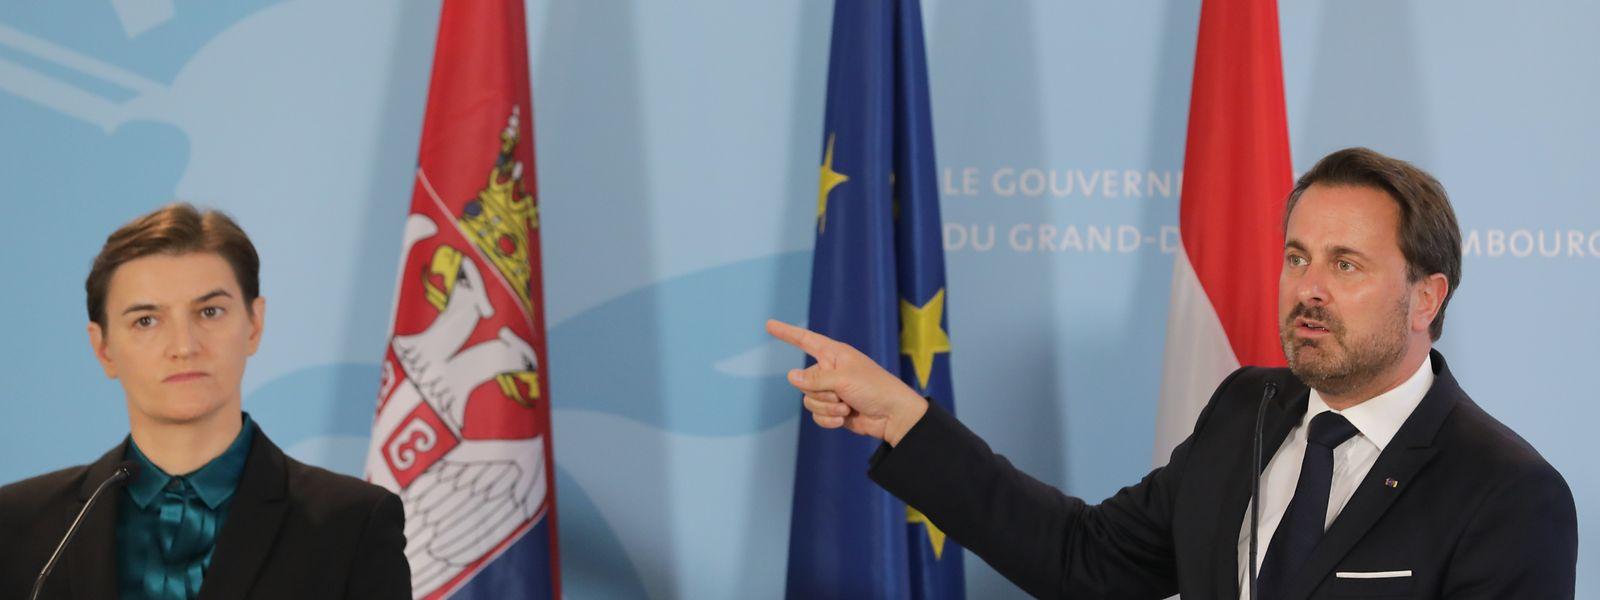 Seit 2012 ist Serbien Beitrittskandidat der EU. Am Montag unterstrichen sowohl die serbische Premierministerin Ana Brnabić als auch Xavier Bettel, dass die Zukunft des Landes in der EU liegt.